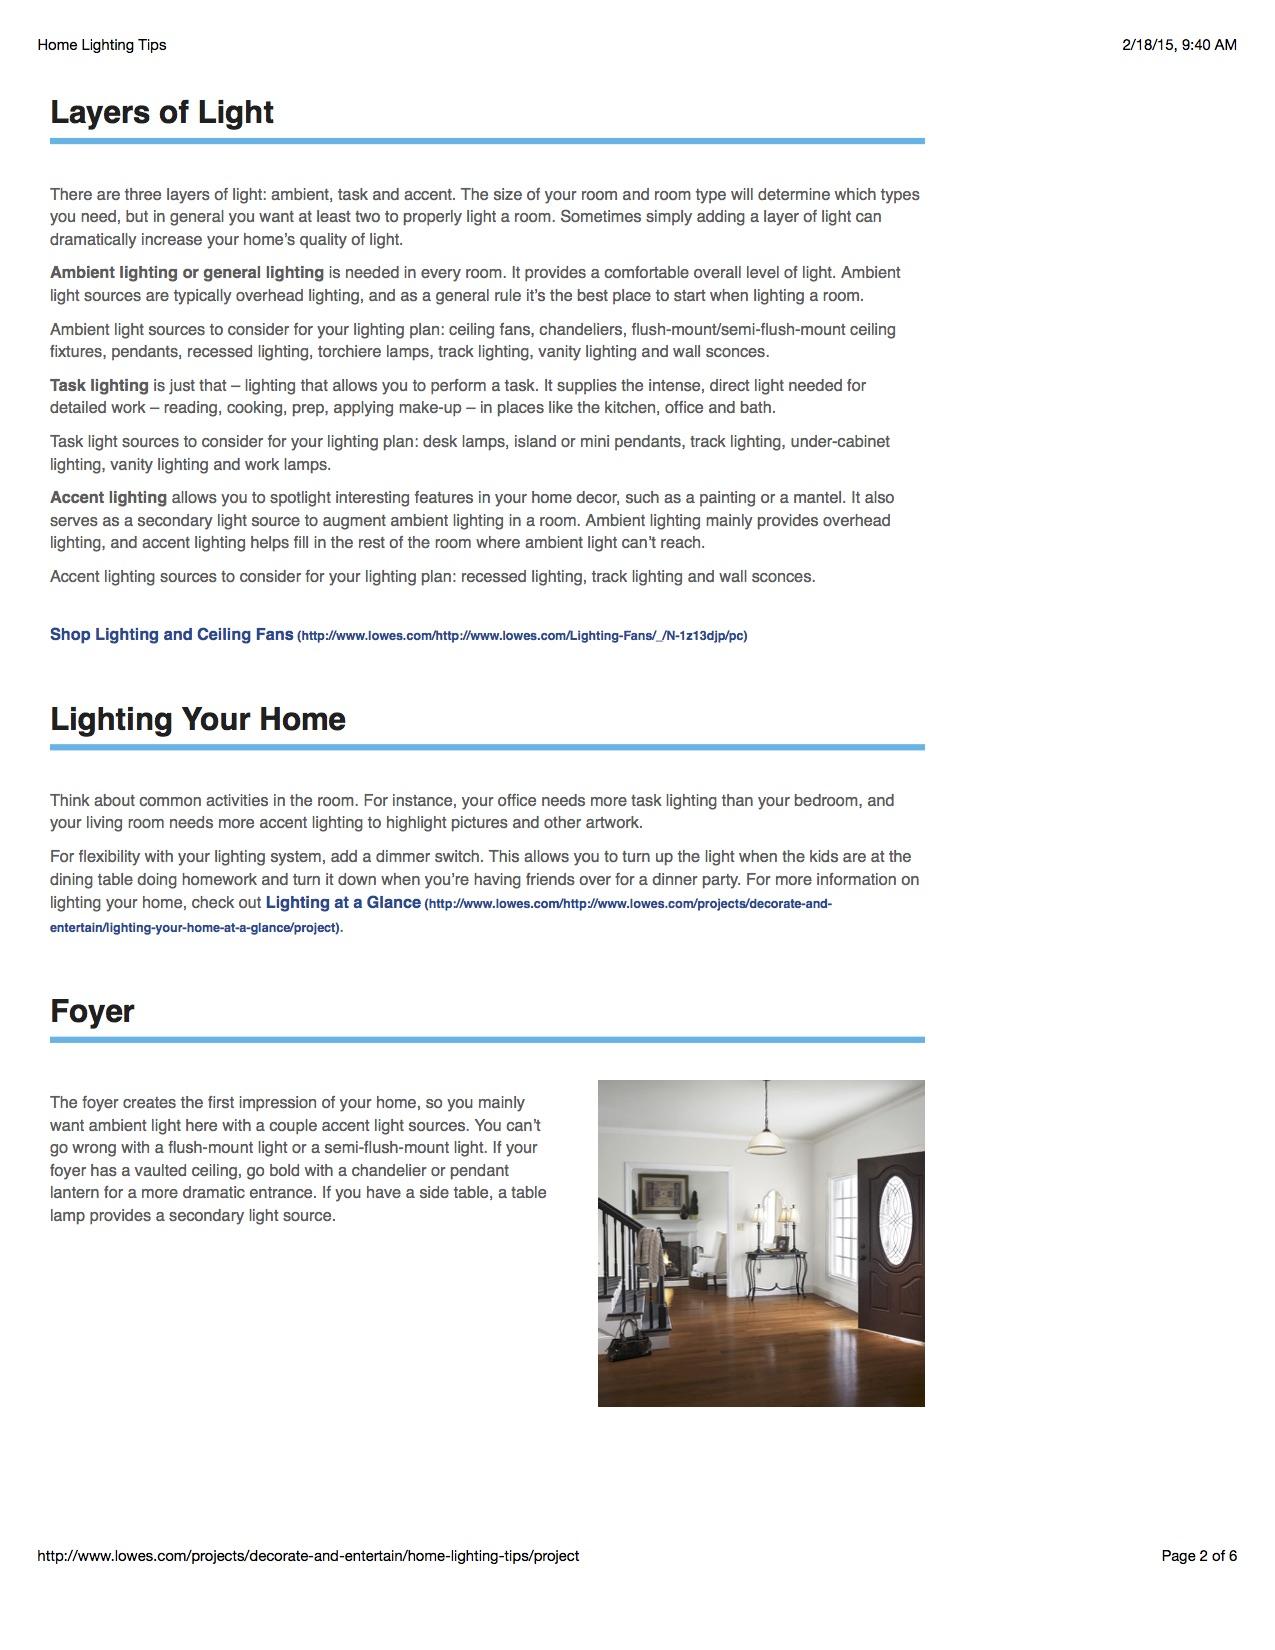 Home Lighting Tips_2.jpg